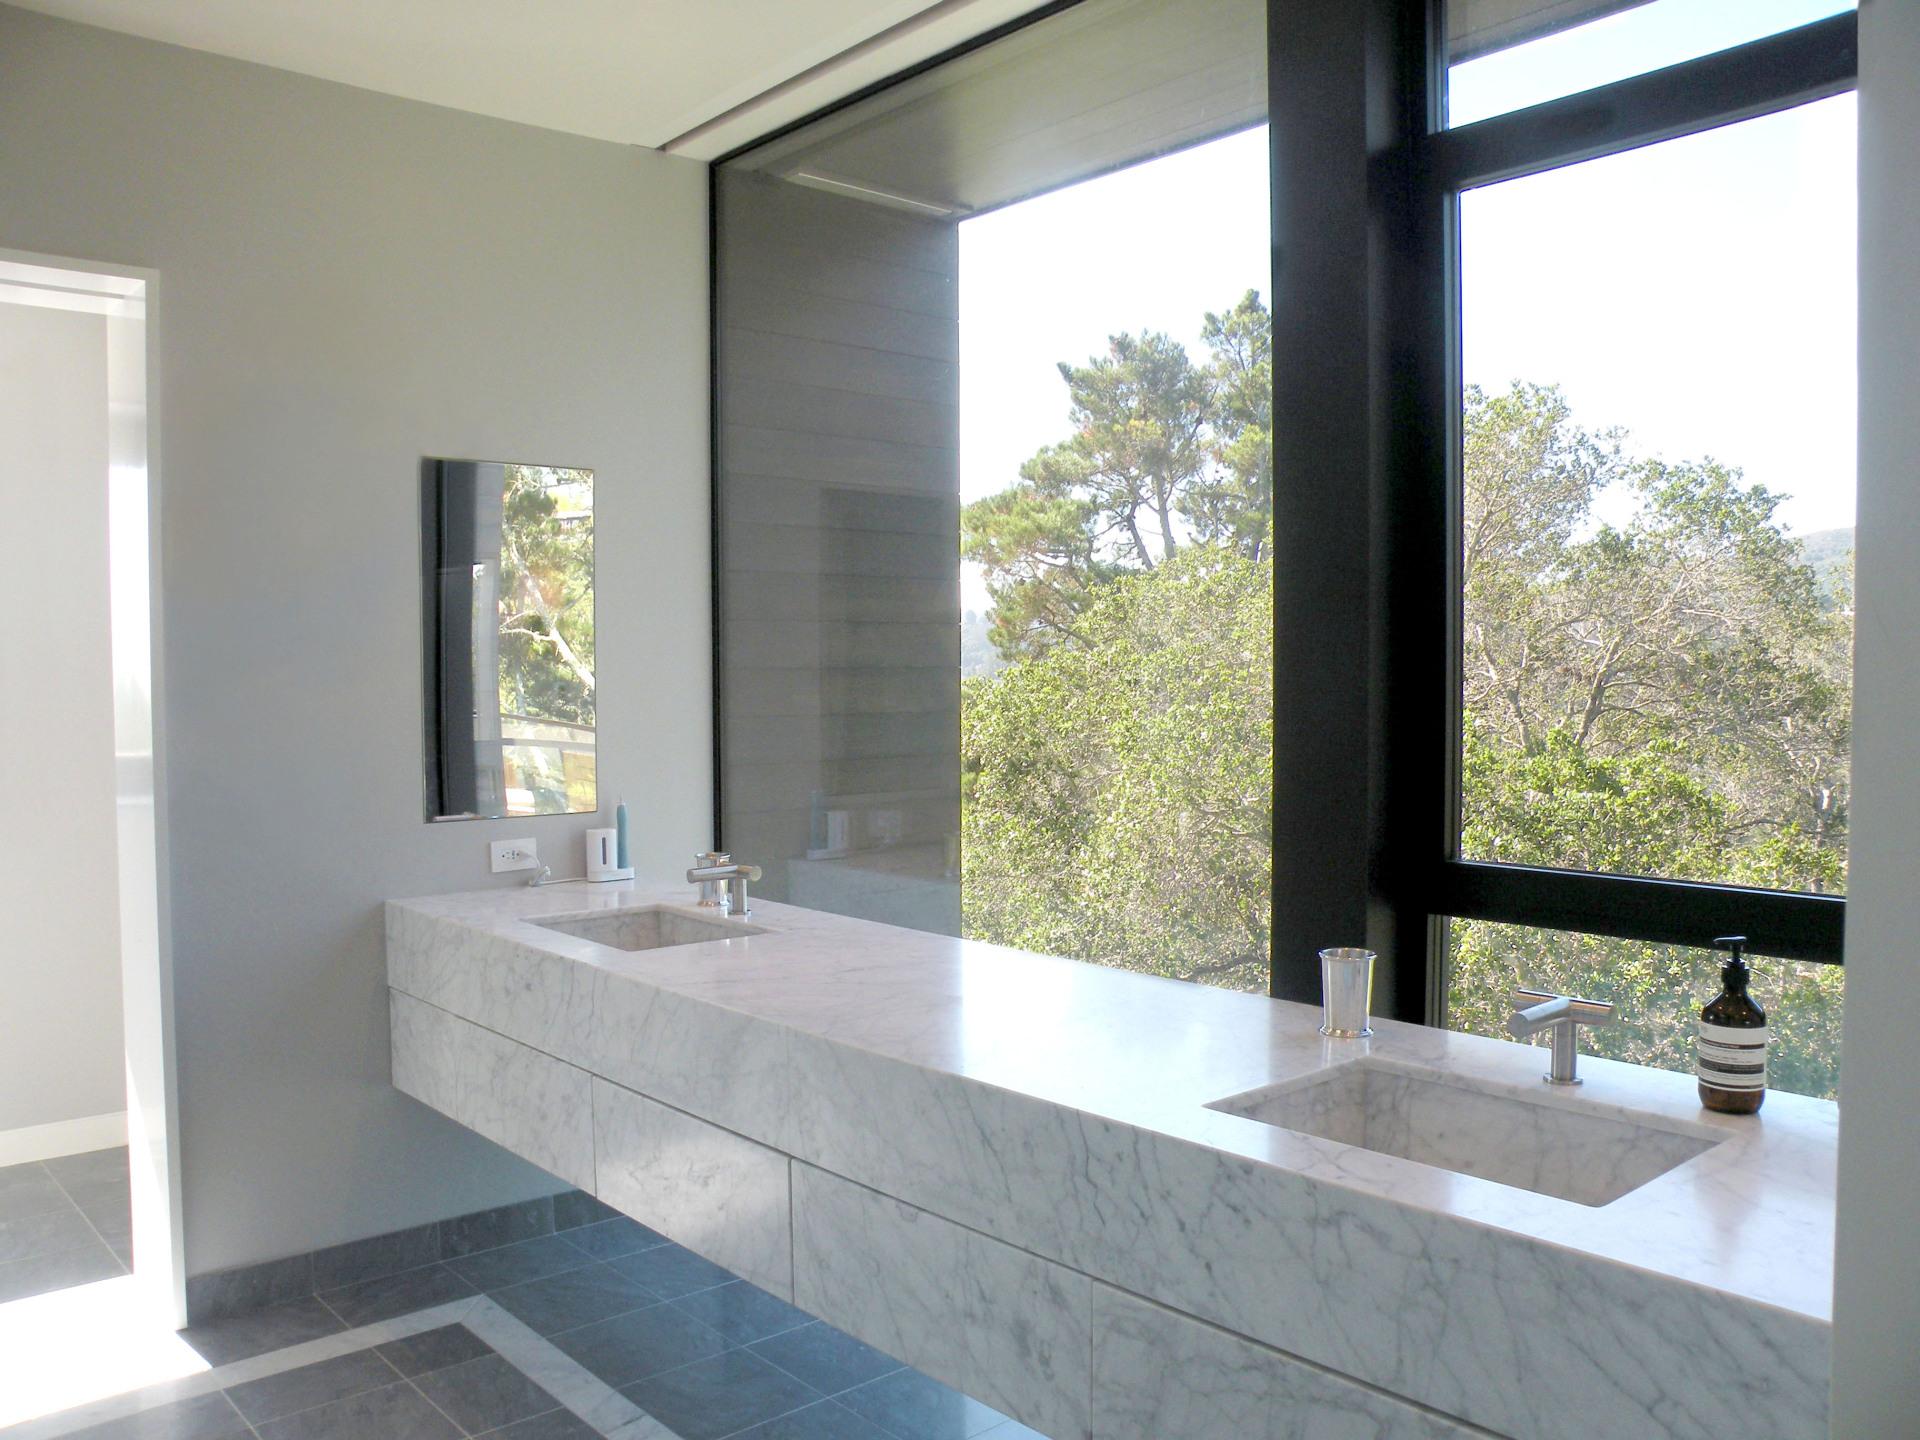 Quezada Architecture, QA, Cecilia Quezada, Ed Tingley, Fred Quezada, Hillcrest Residence